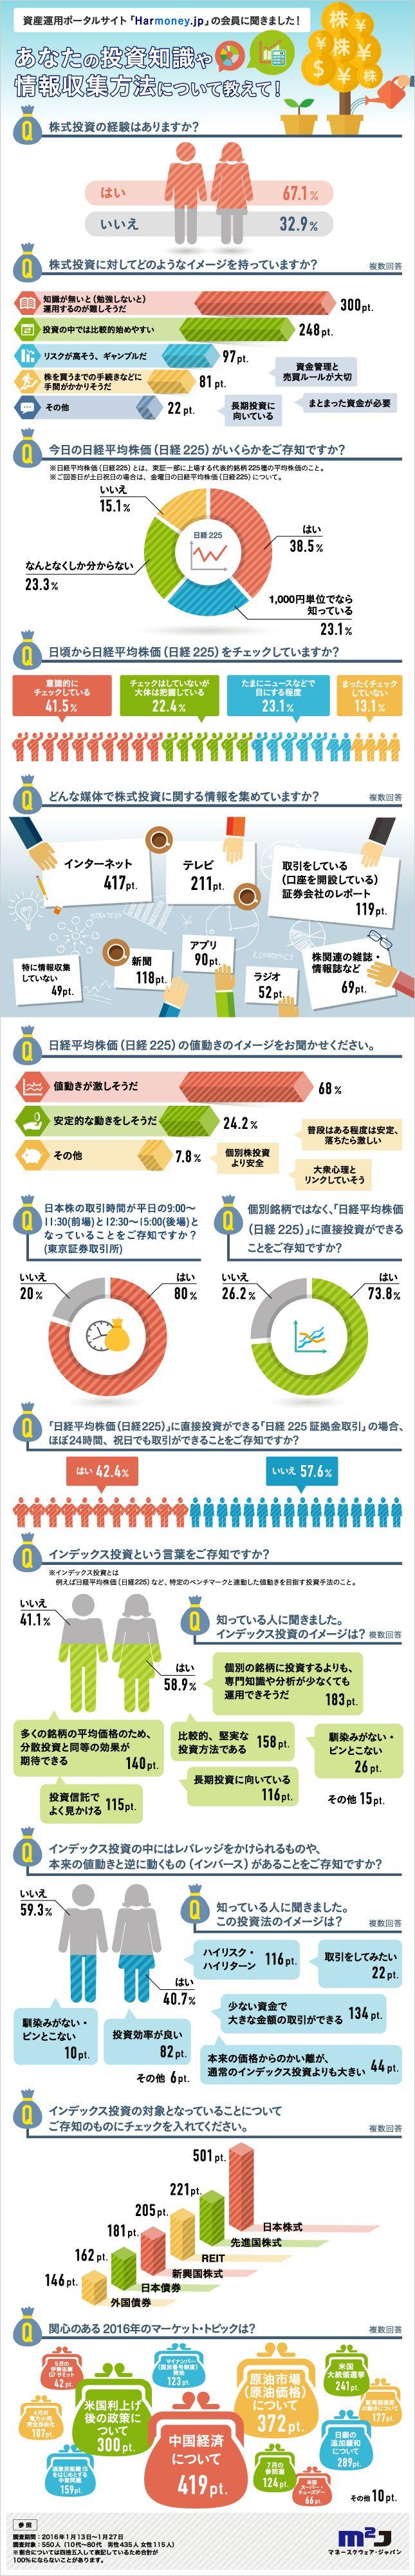 【インフォグラフィック】あなたの投資知識や情報収集方法について教えて!